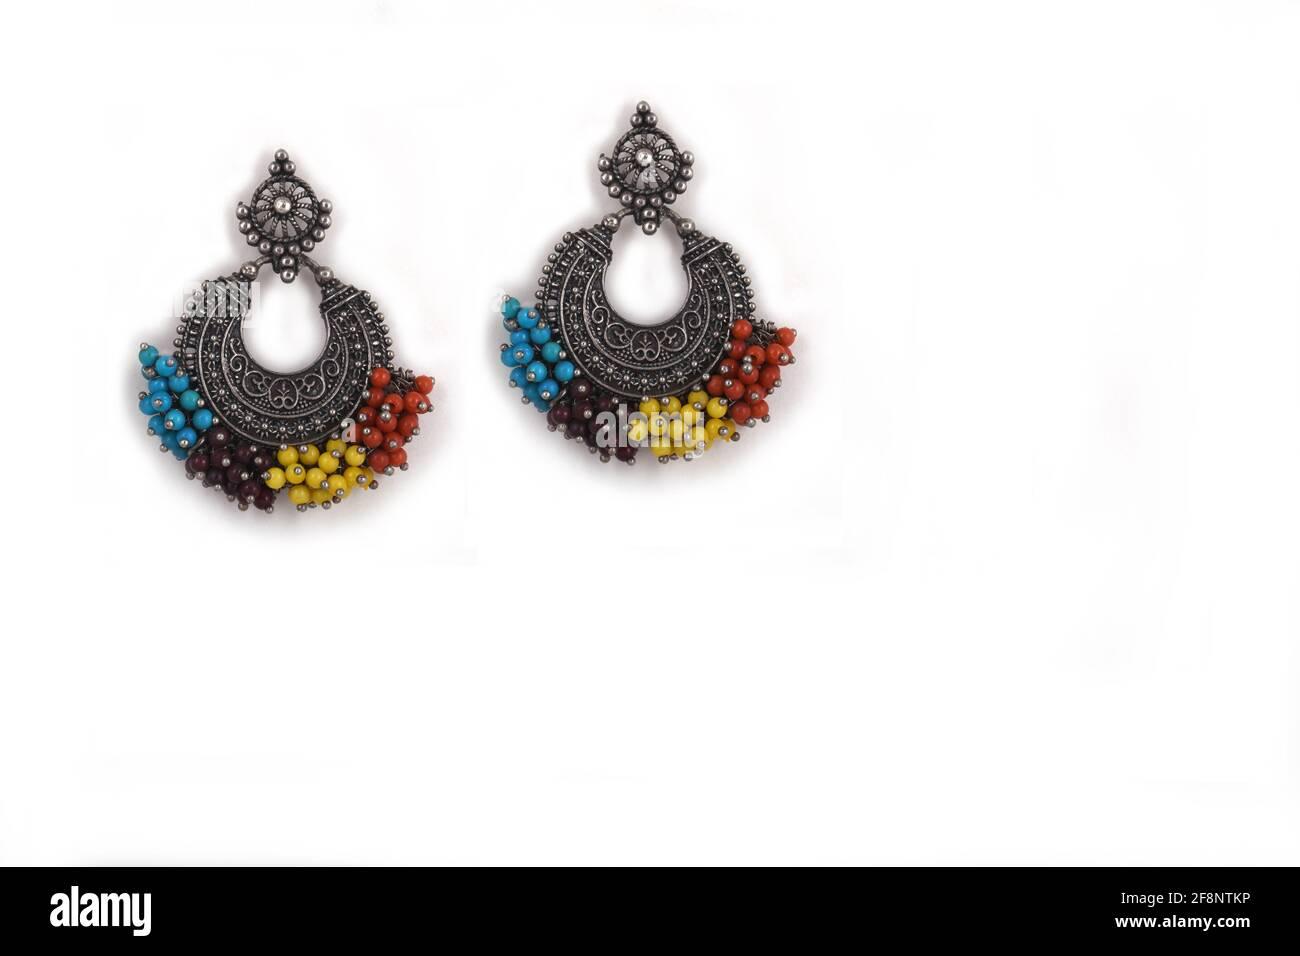 Silber oxidierte Ohrringe Ethnischen indischen Stil, stilvoll mit bunten Perlen, Jhumka Ohrringe, Ohrstecker in Tropfenform Stockfoto